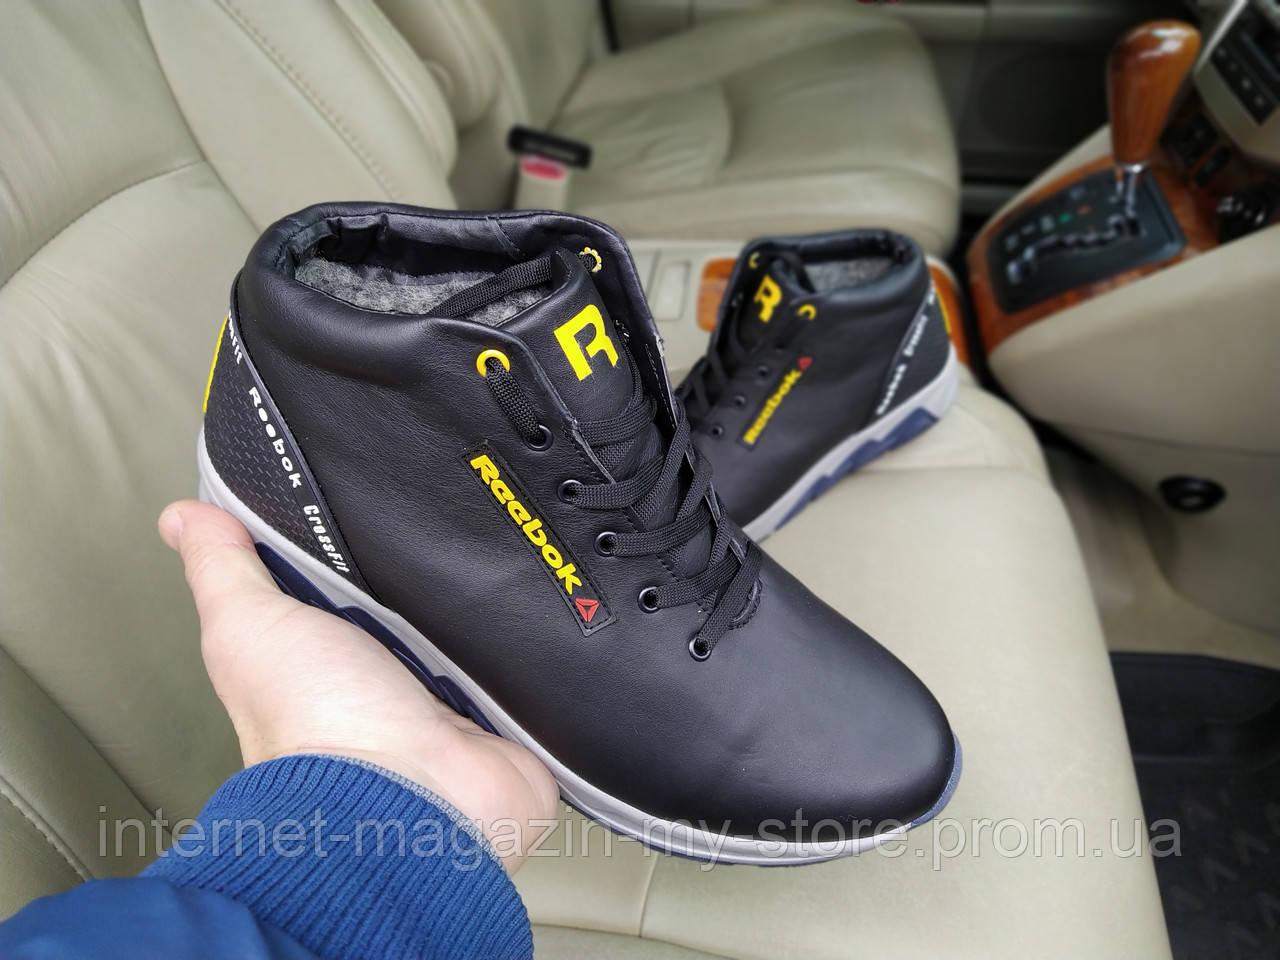 Мужские зимние кожаные кроссовки  Reebok Crossfit